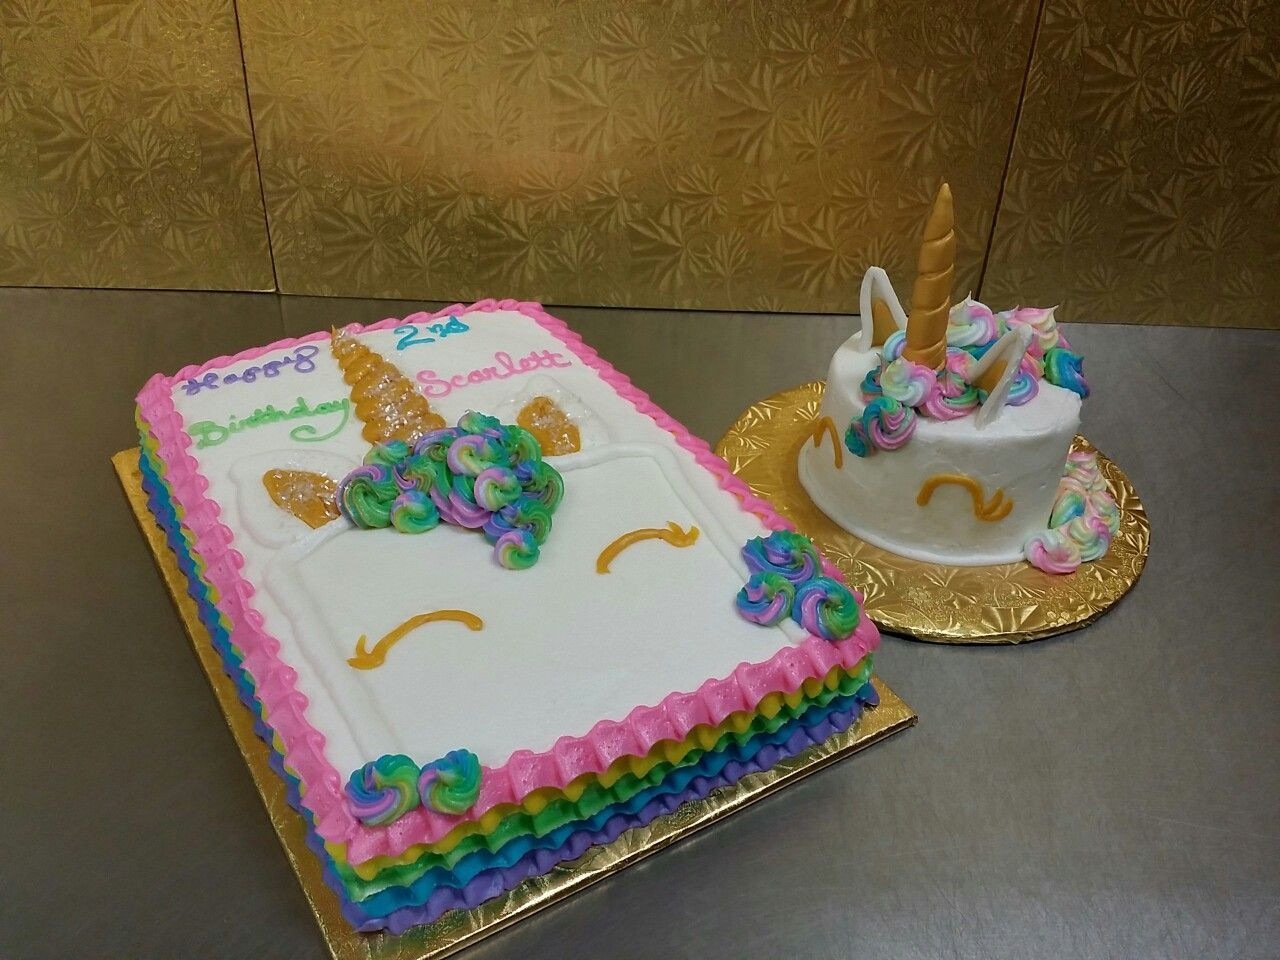 Winn Dixie Birthday Cakes  Image result for winn dixie unicorn cake